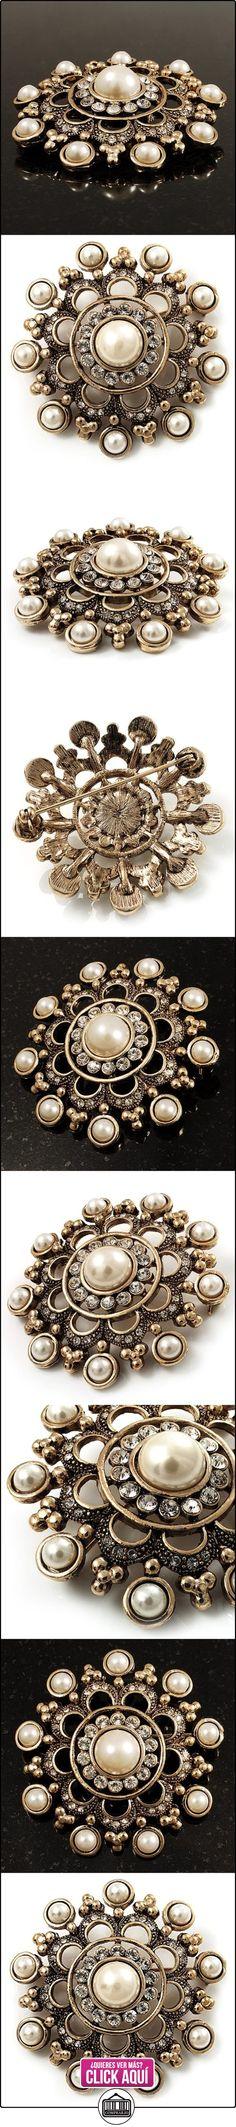 Broche tipo ramillete de filigrana con imitación de perla en oro antiguo  ✿ Joyas para mujer - Las mejores ofertas ✿ ▬► Ver oferta: http://comprar.io/goto/B004BVU11W